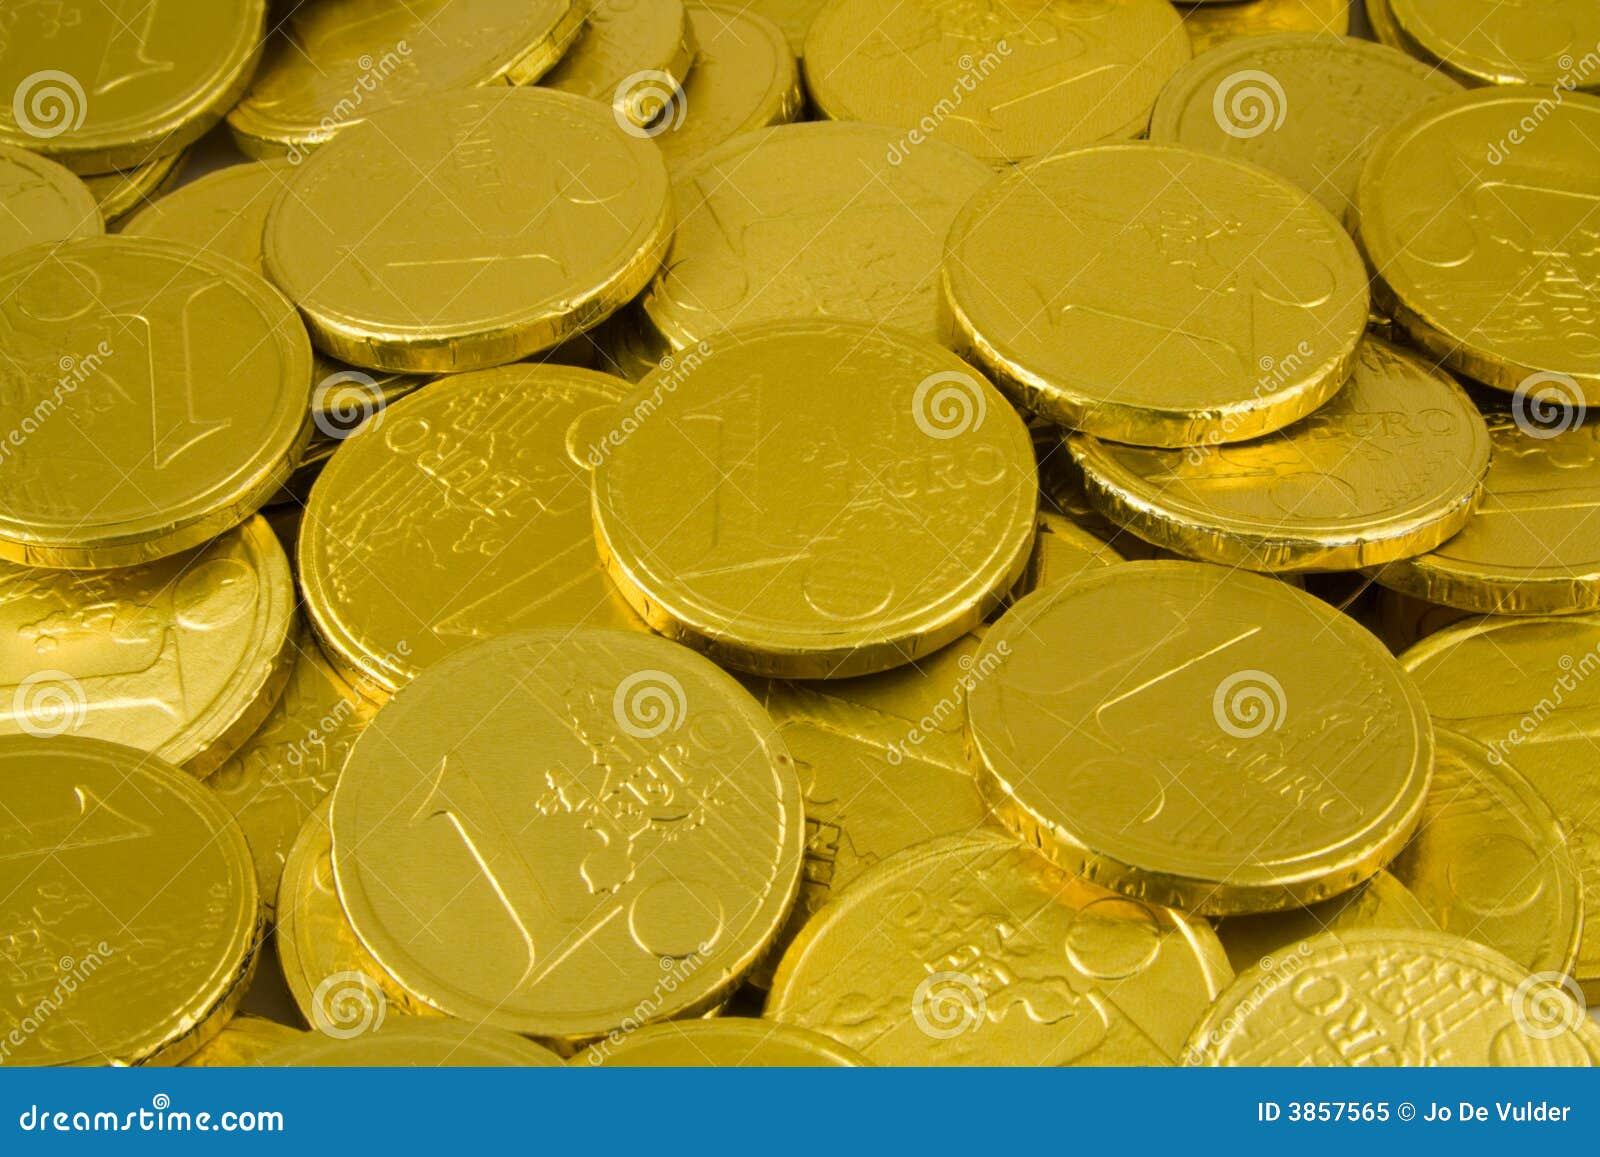 Chocolate Golden Euro Coins